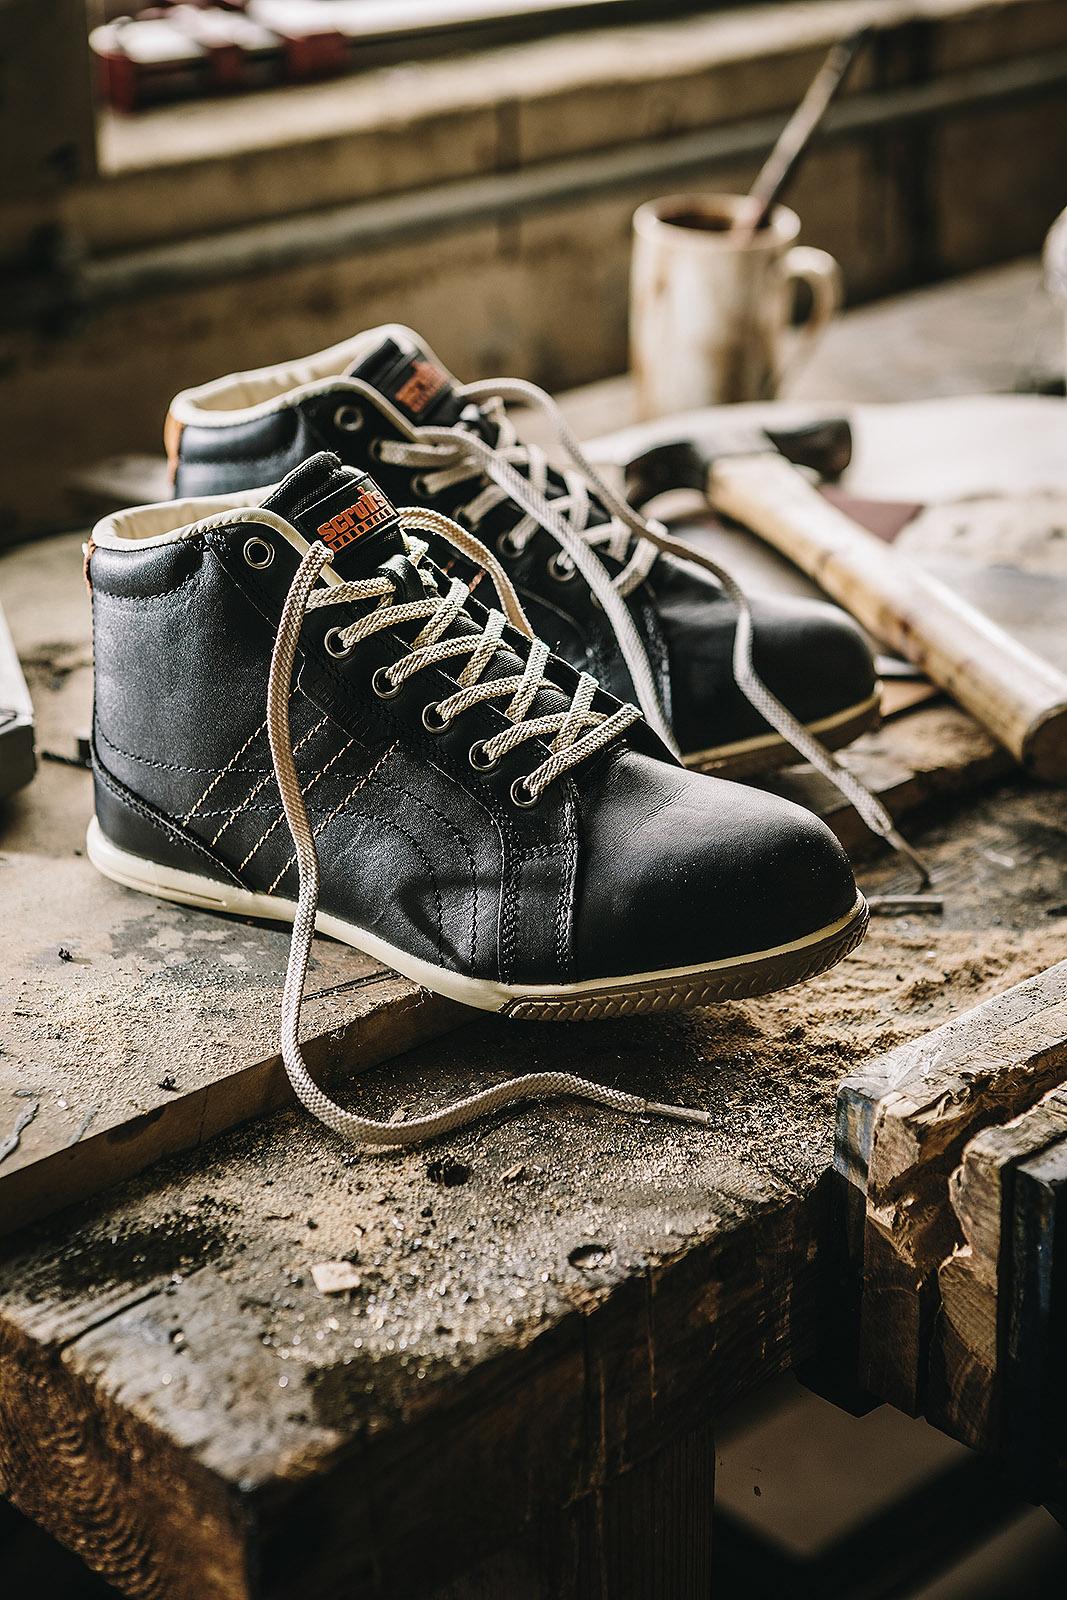 Boots-07-2.jpg